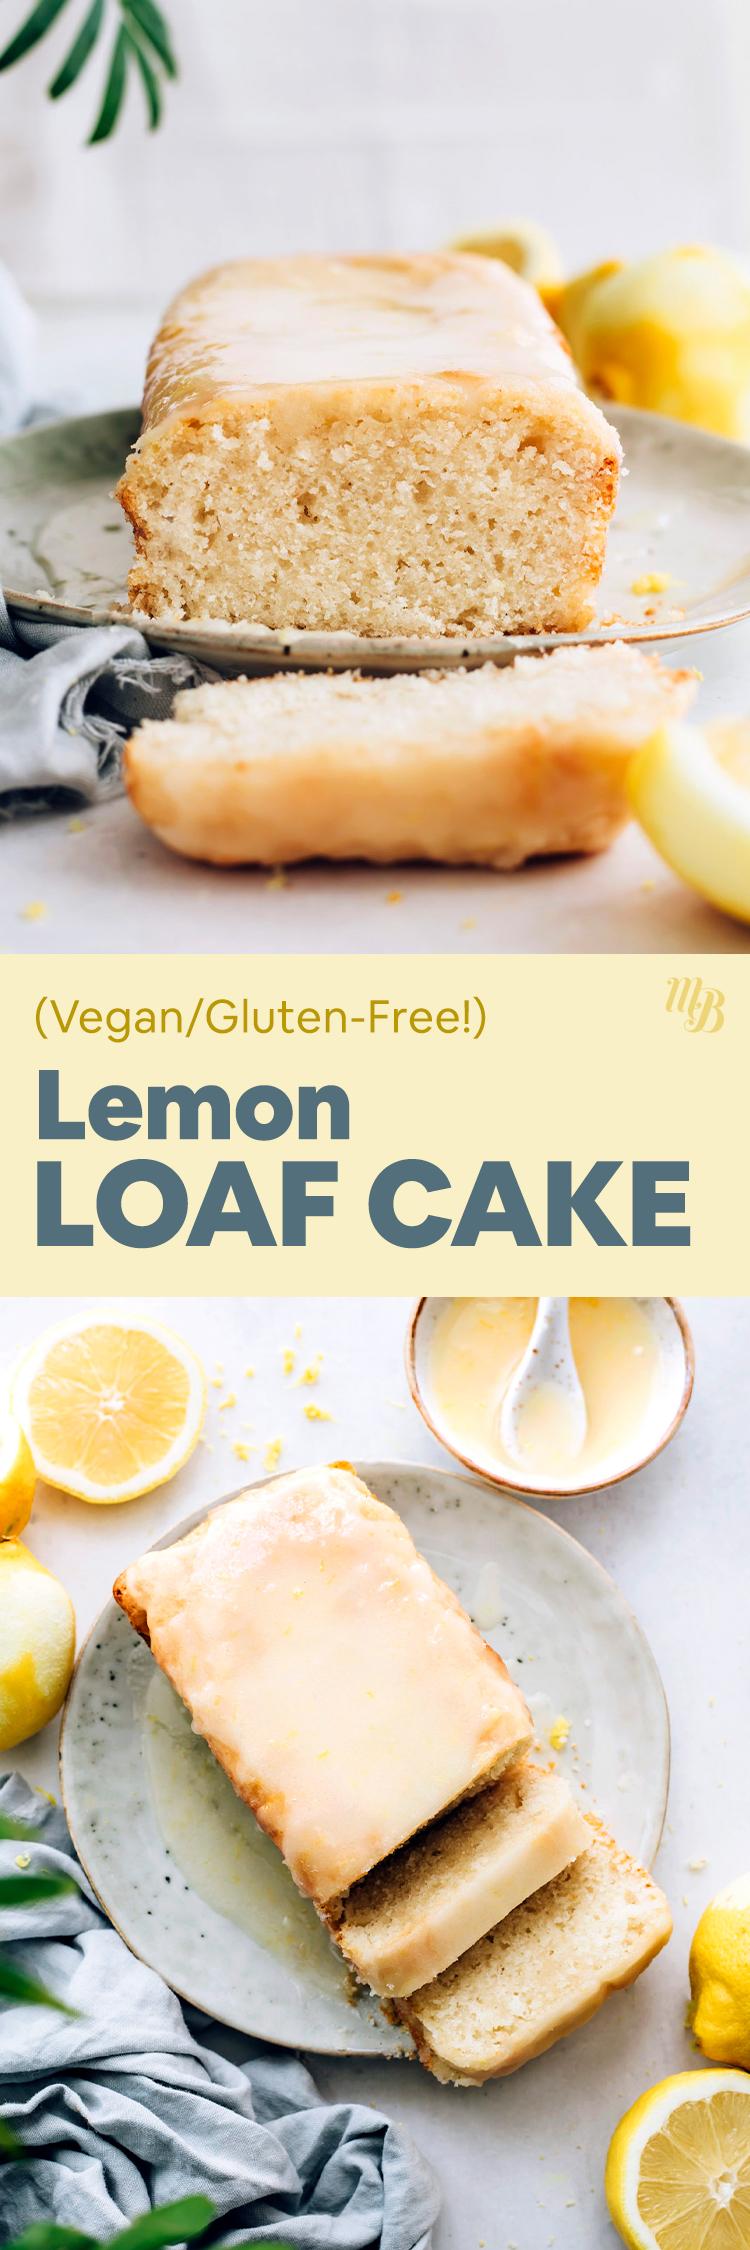 Ломтики веганского и безглютенового лимонного торта на тарелке с лимонной глазурью